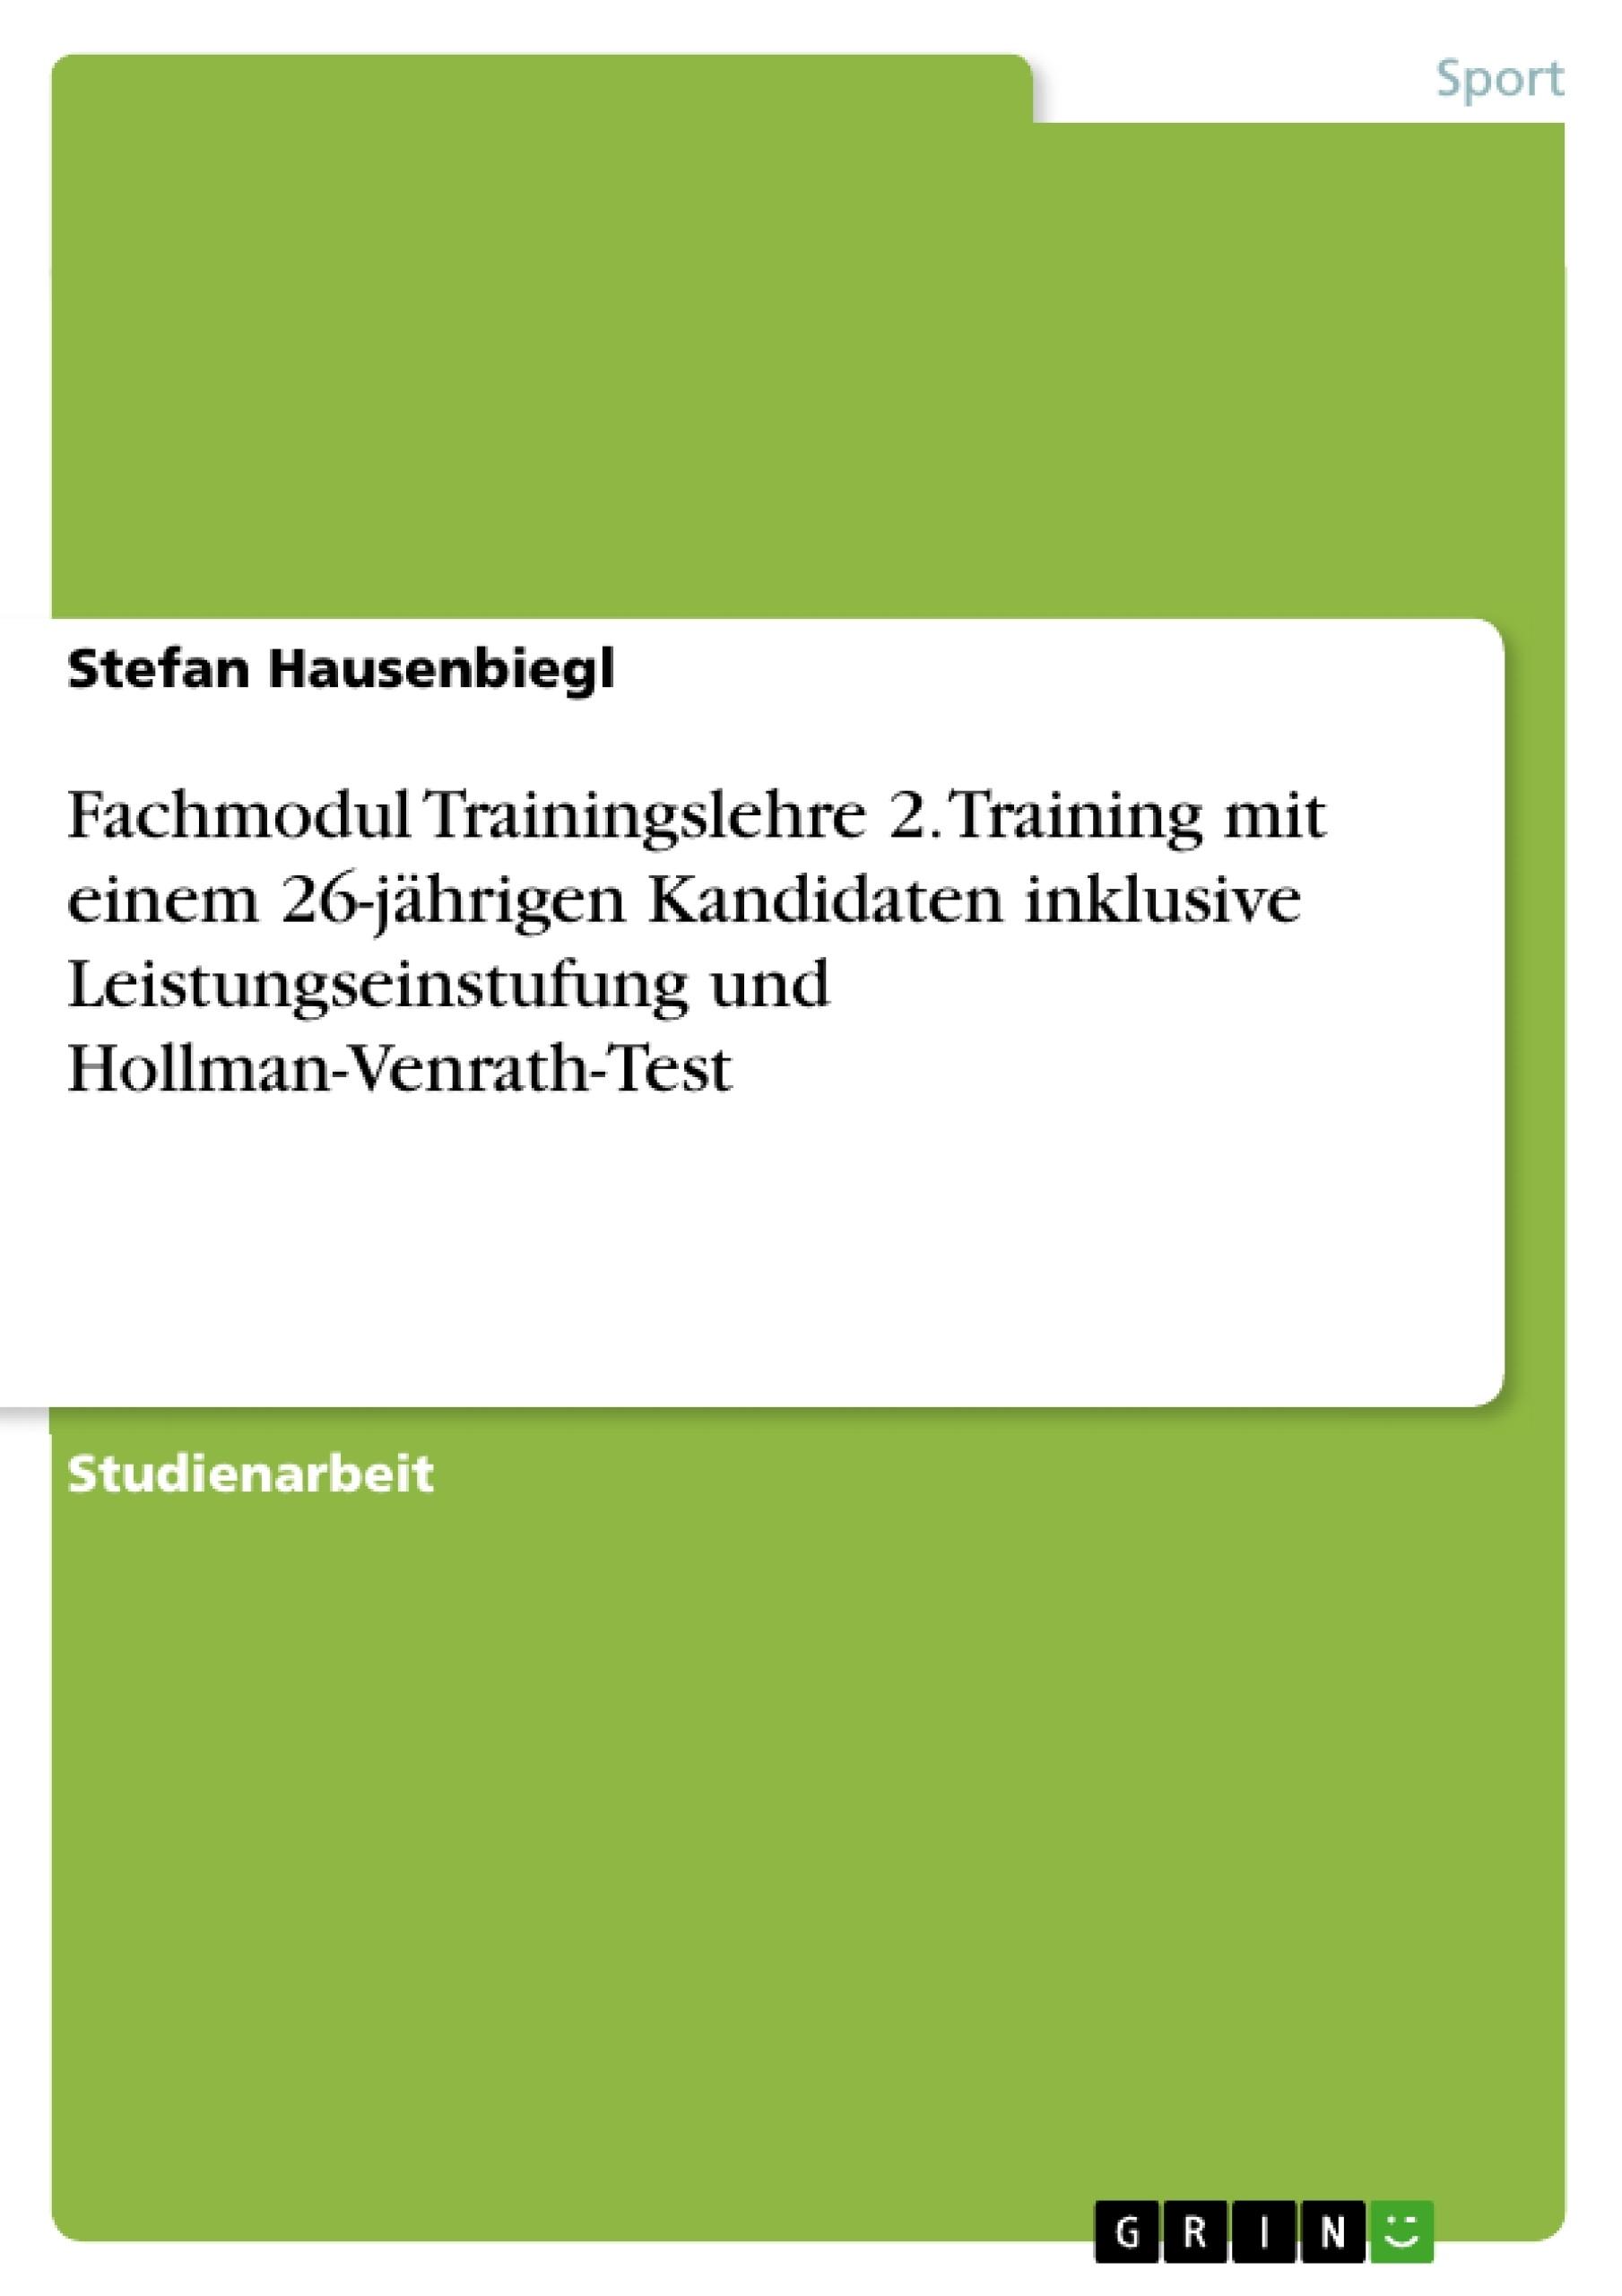 Titel: Fachmodul Trainingslehre 2. Training mit einem 26-jährigen Kandidaten inklusive Leistungseinstufung und Hollman-Venrath-Test